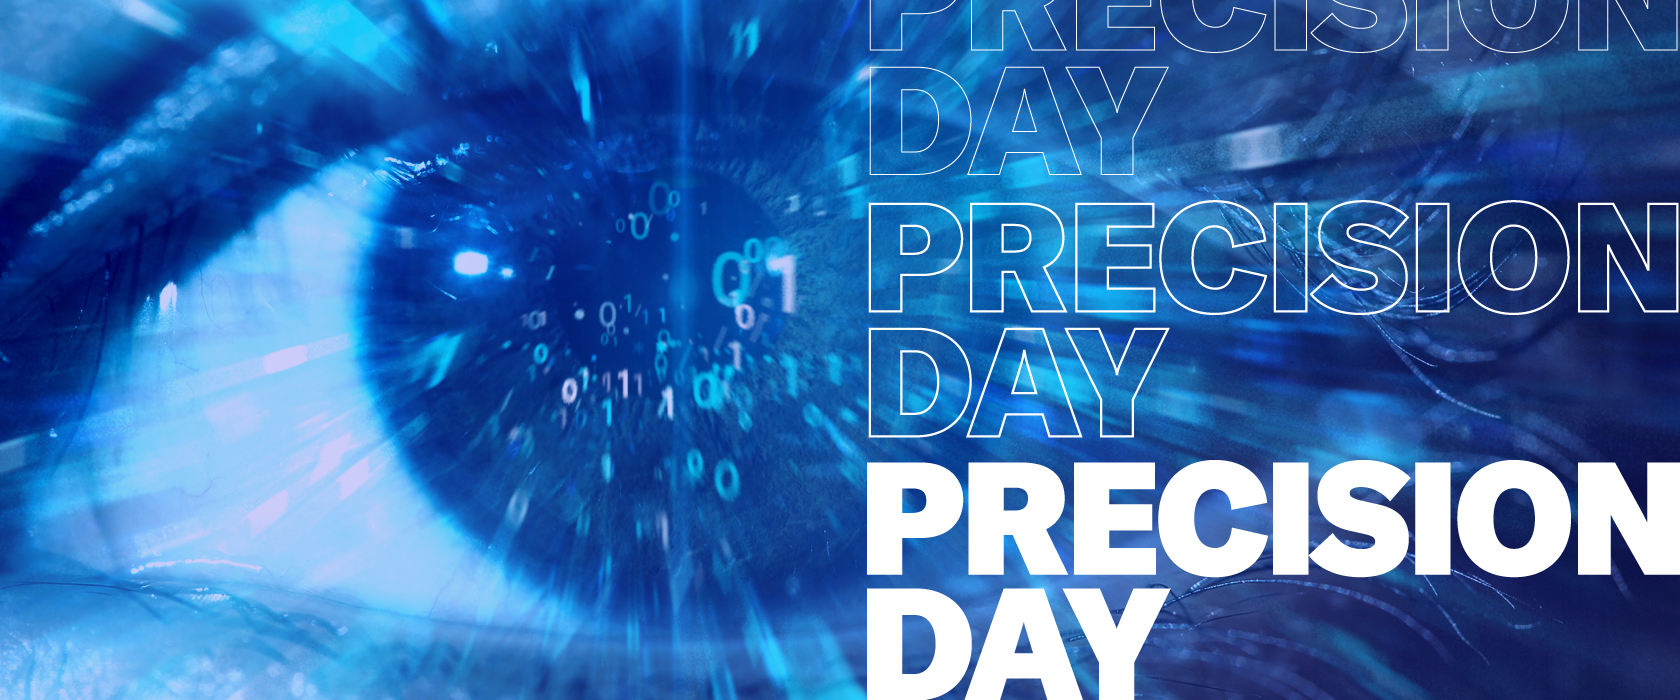 The future of precision